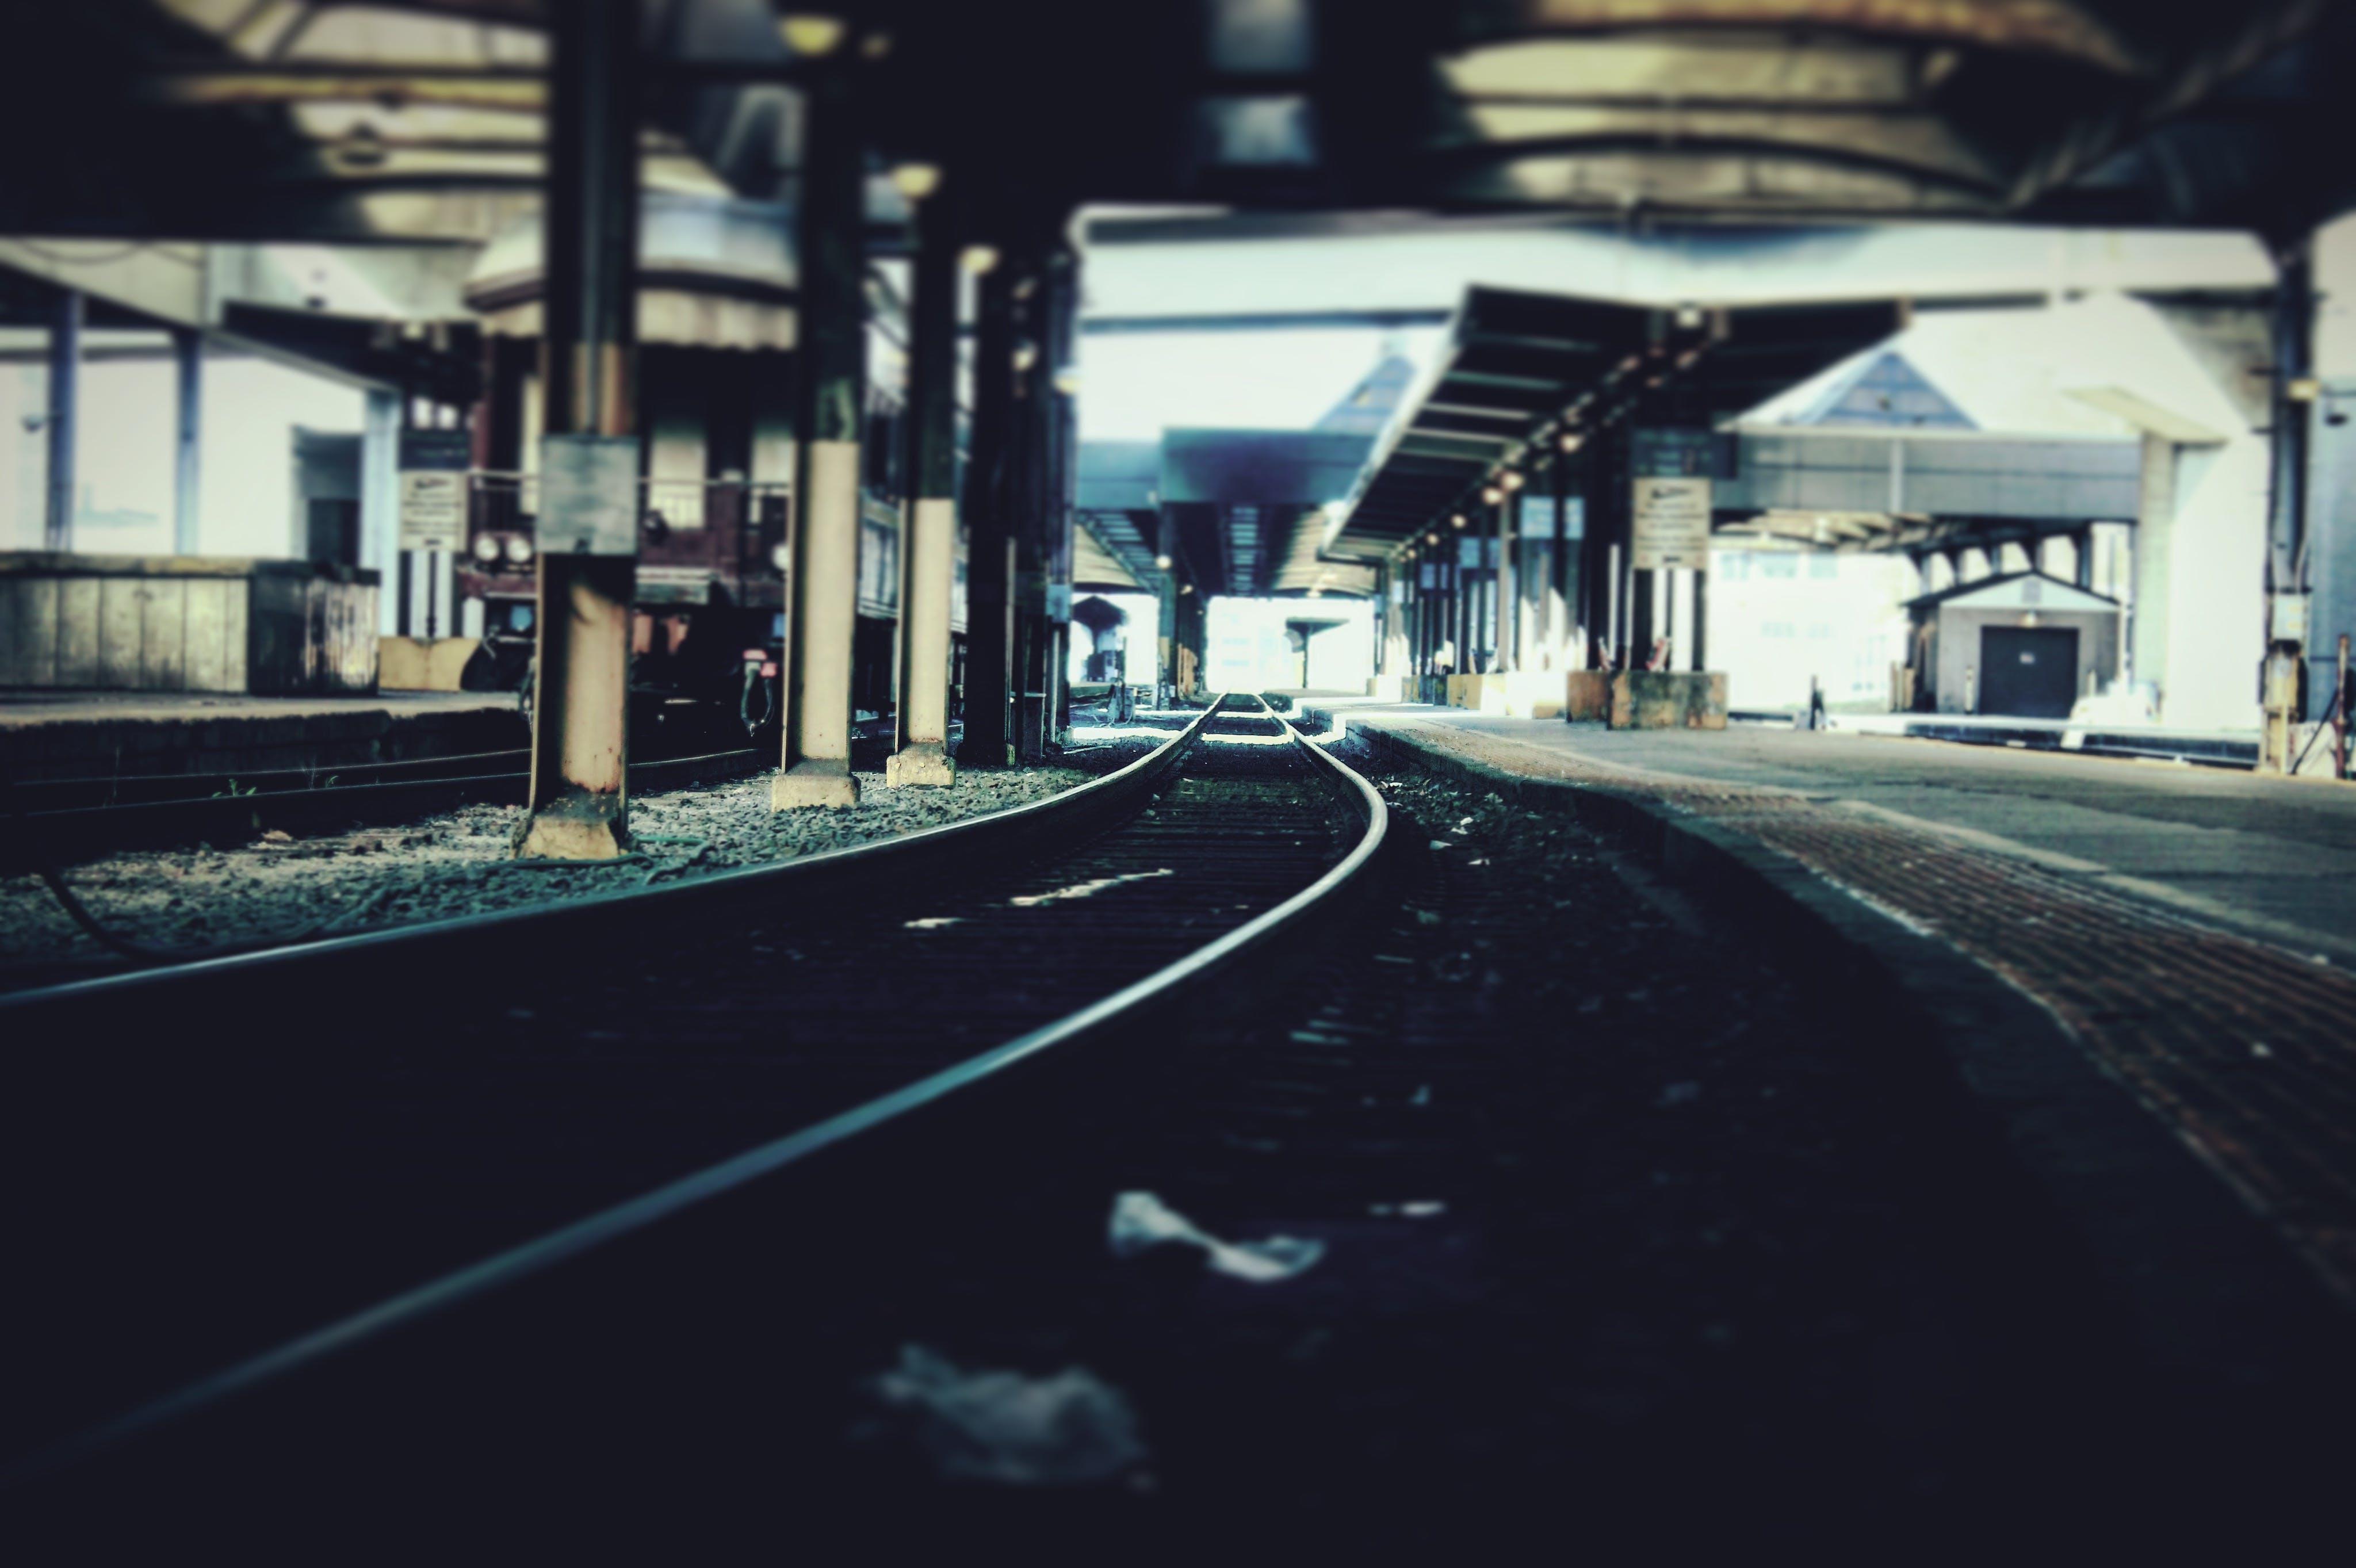 Бесплатное стоковое фото с железнодорожная колея, железнодорожная линия, железнодорожная станция, железнодорожные пути